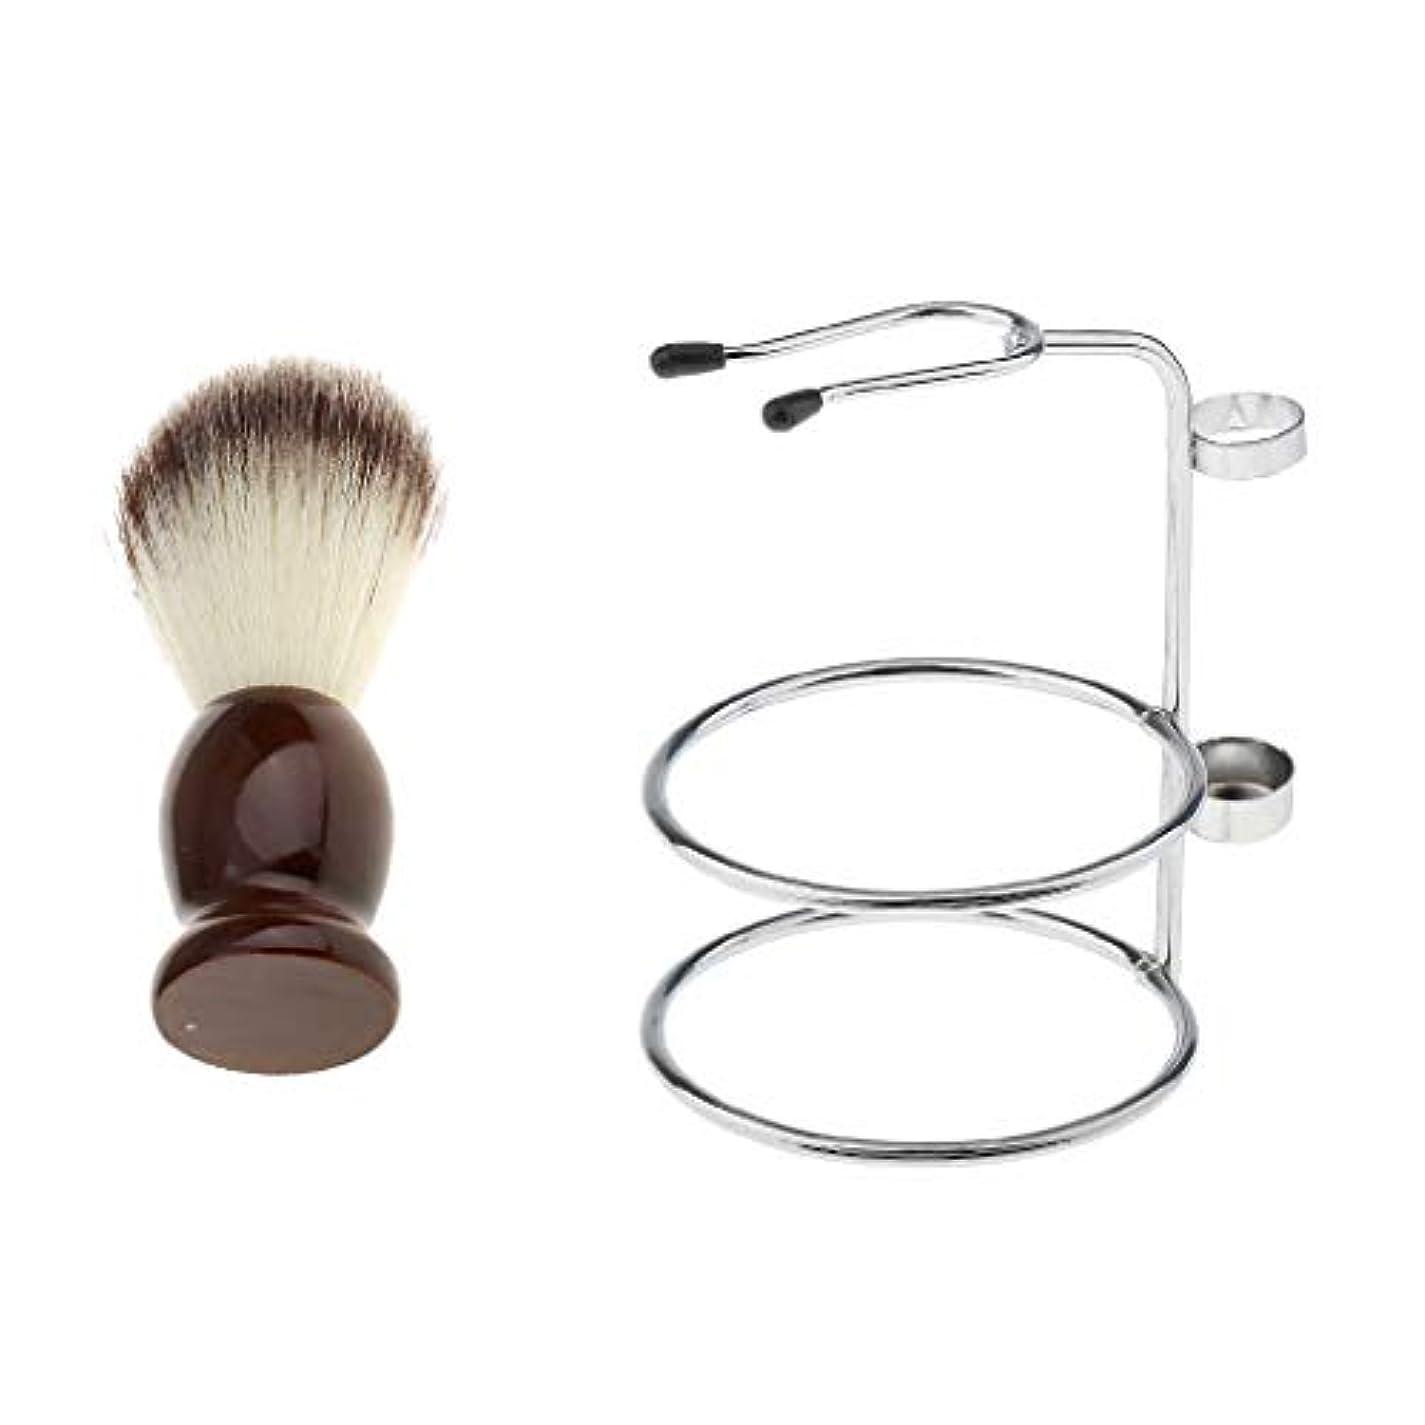 熟練した処方する独創的シェービングブラシセット ひげブラシ シェービングカミソリ スタンド 理容 洗顔 髭剃り 泡立ち